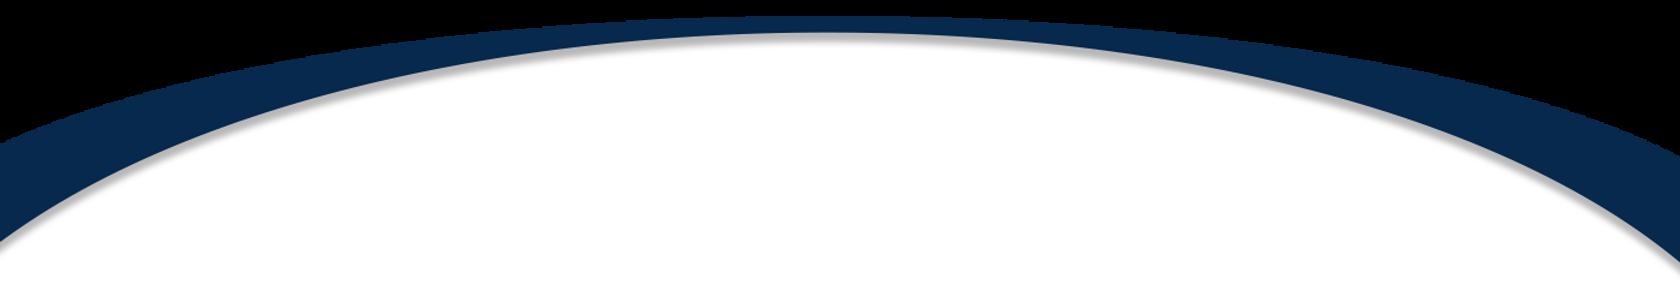 blue-arch-desktop.png